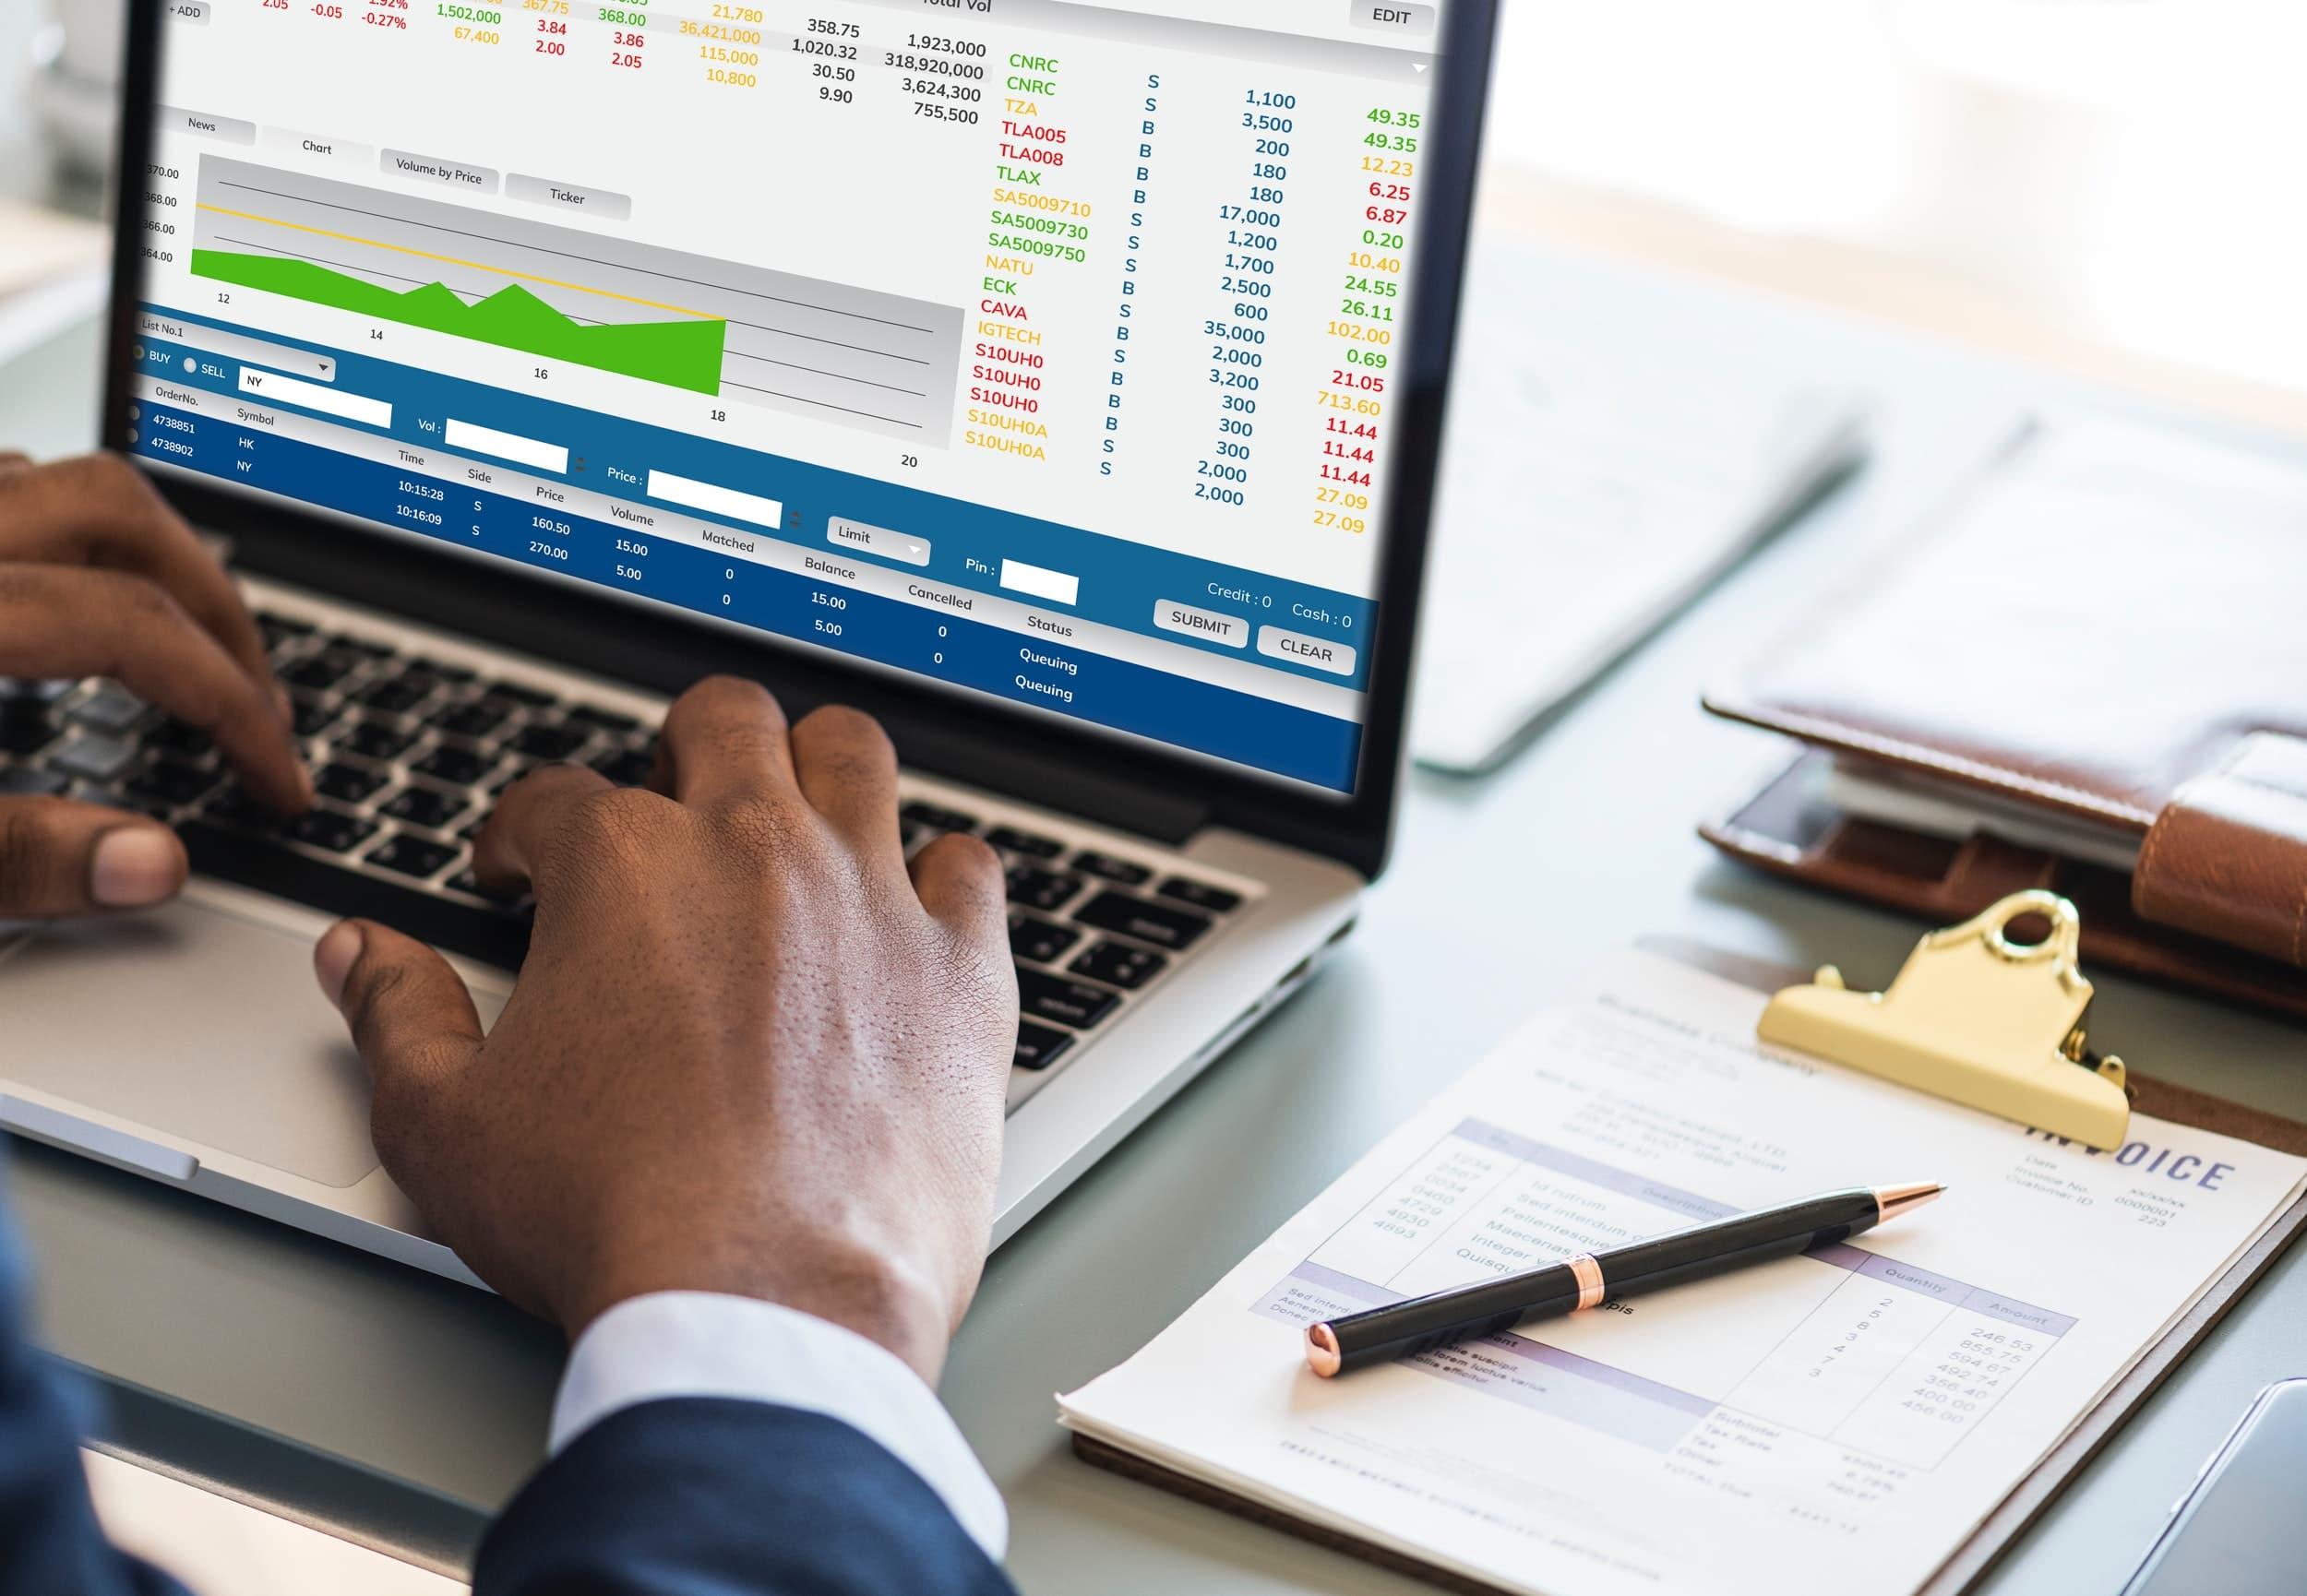 Vérifier vos comptes bancaires régulièrement